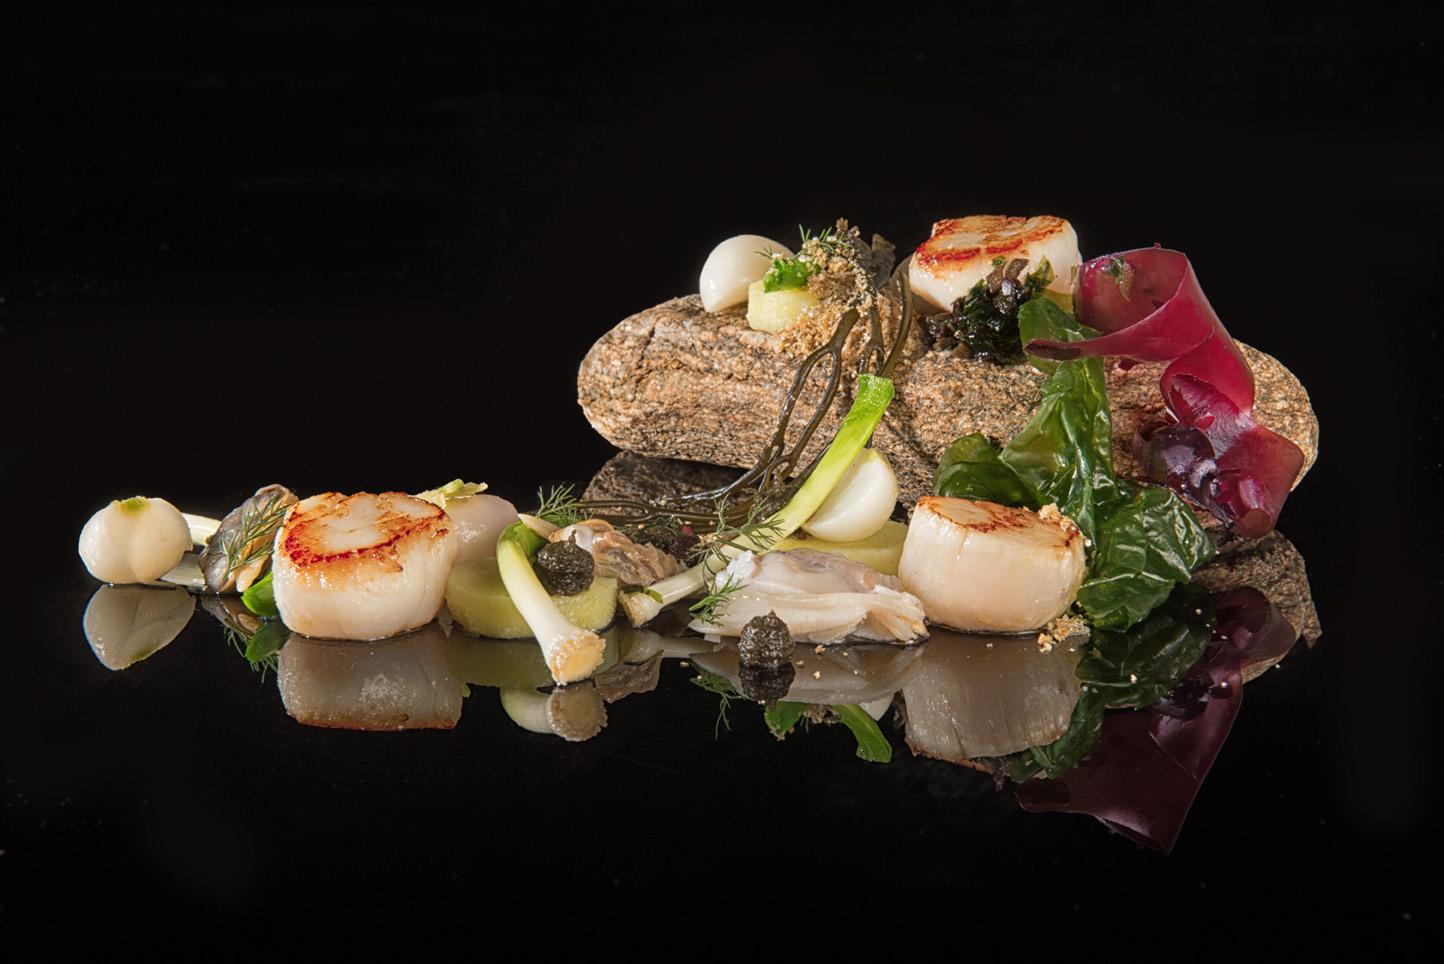 photographe gastronomique mise en scène et stylisme culinaire morbihan finistere bretagne france